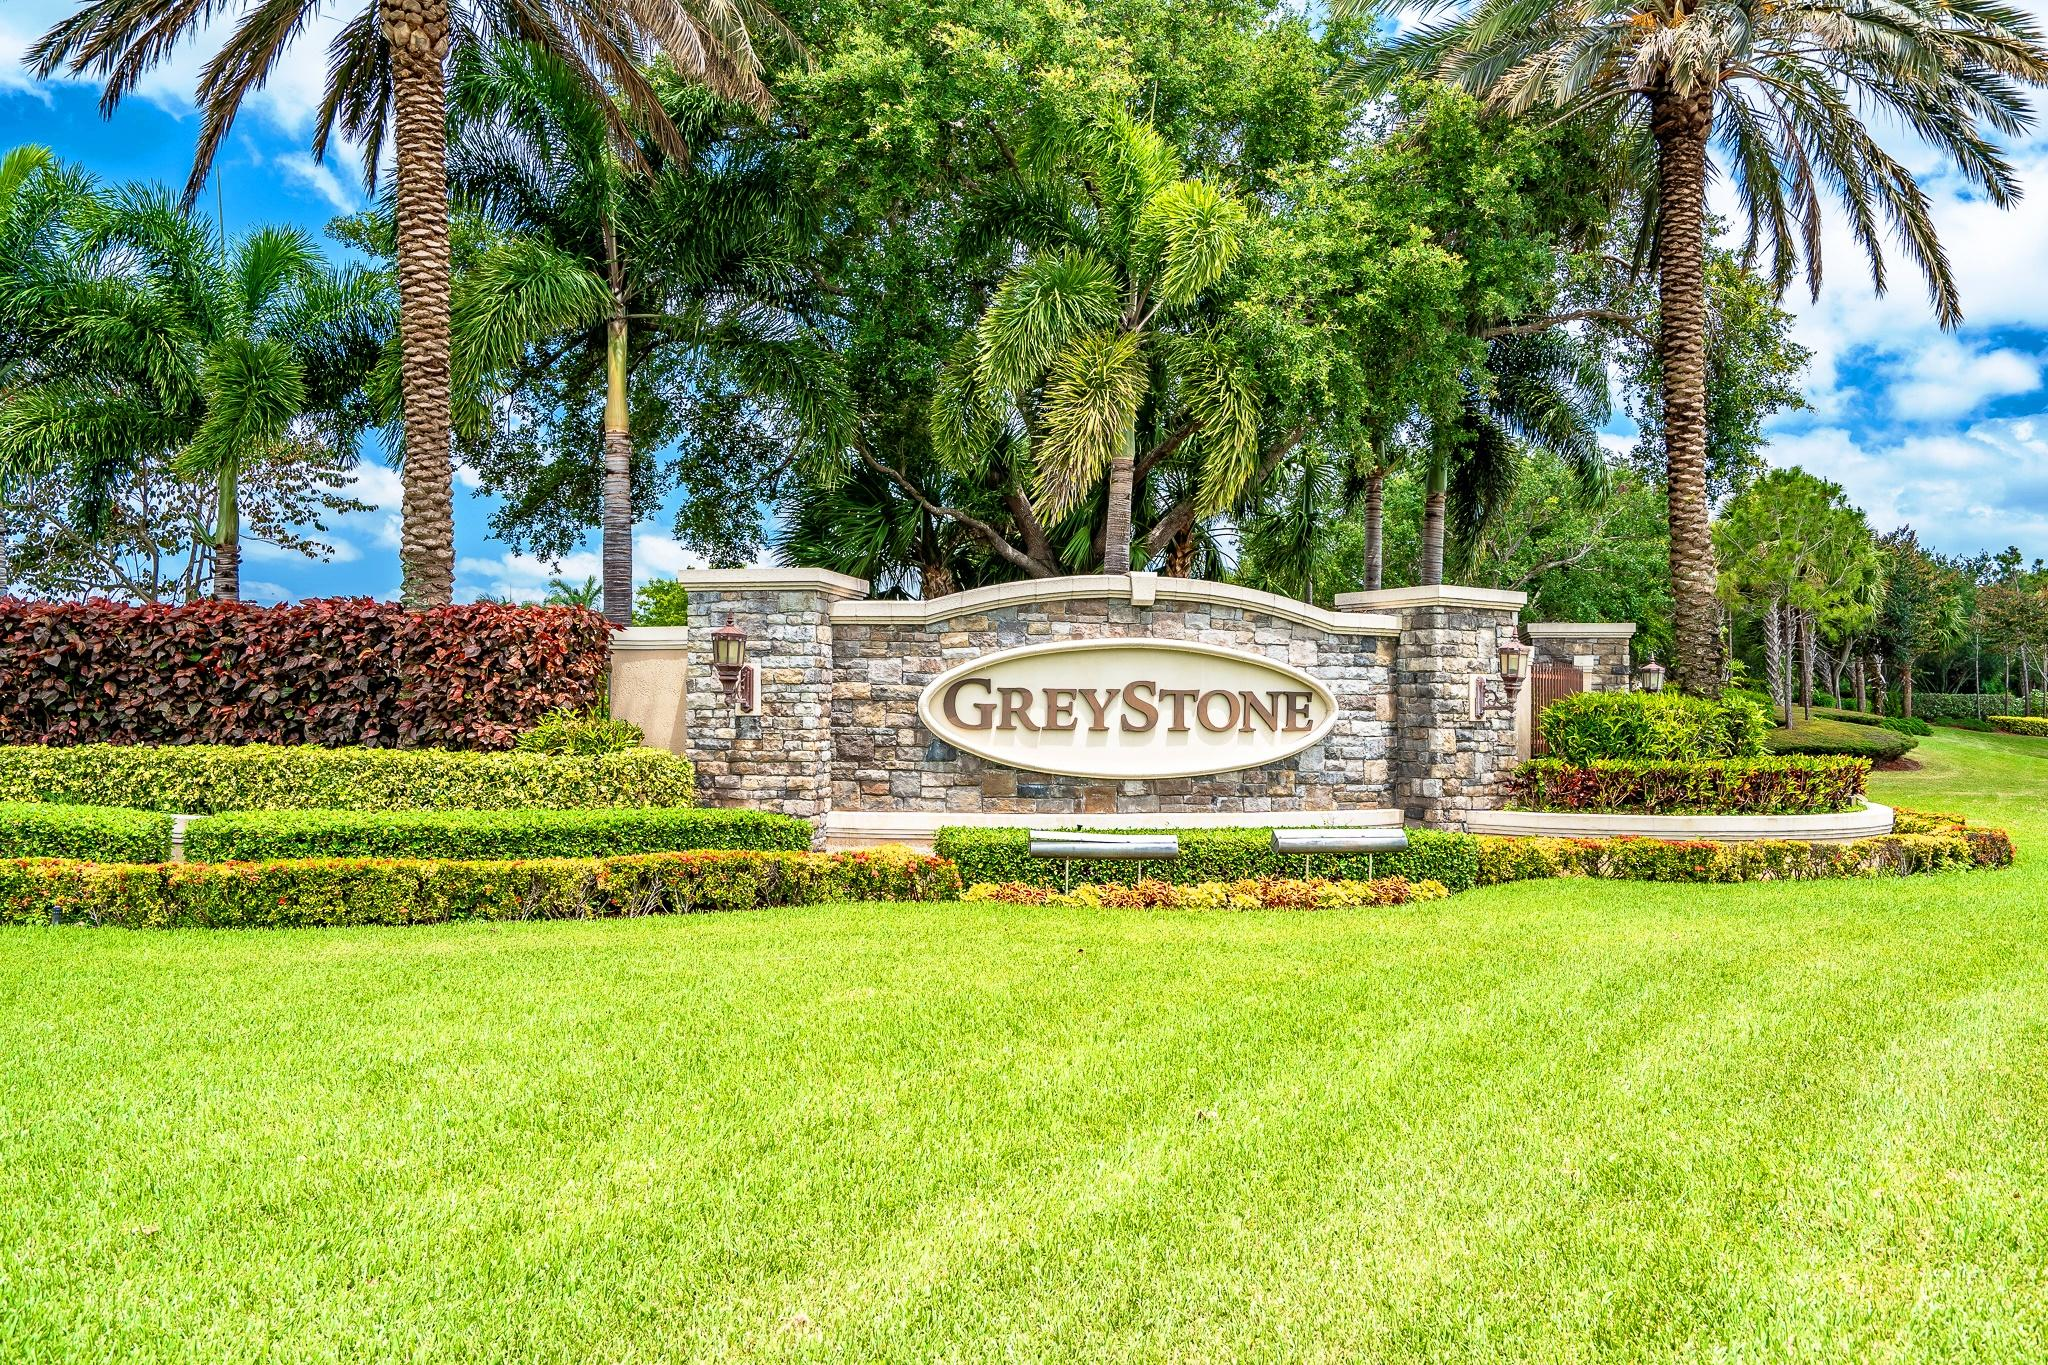 Greystone Entrance (2)